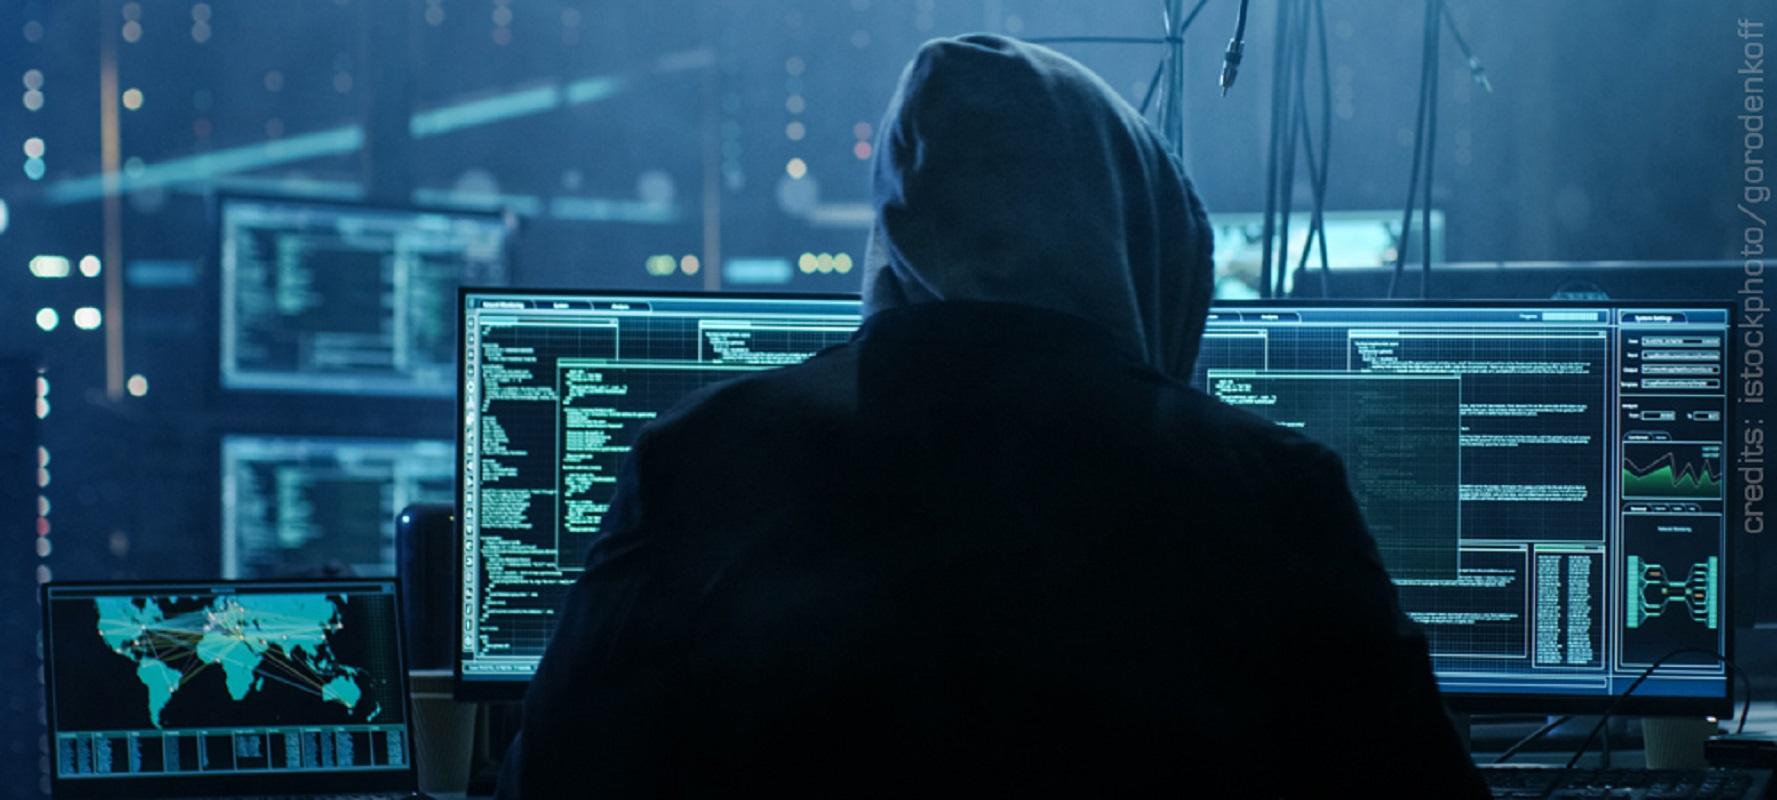 Cibersegurança e Cibercrime em análise no Politécnico de Viana do Castelo